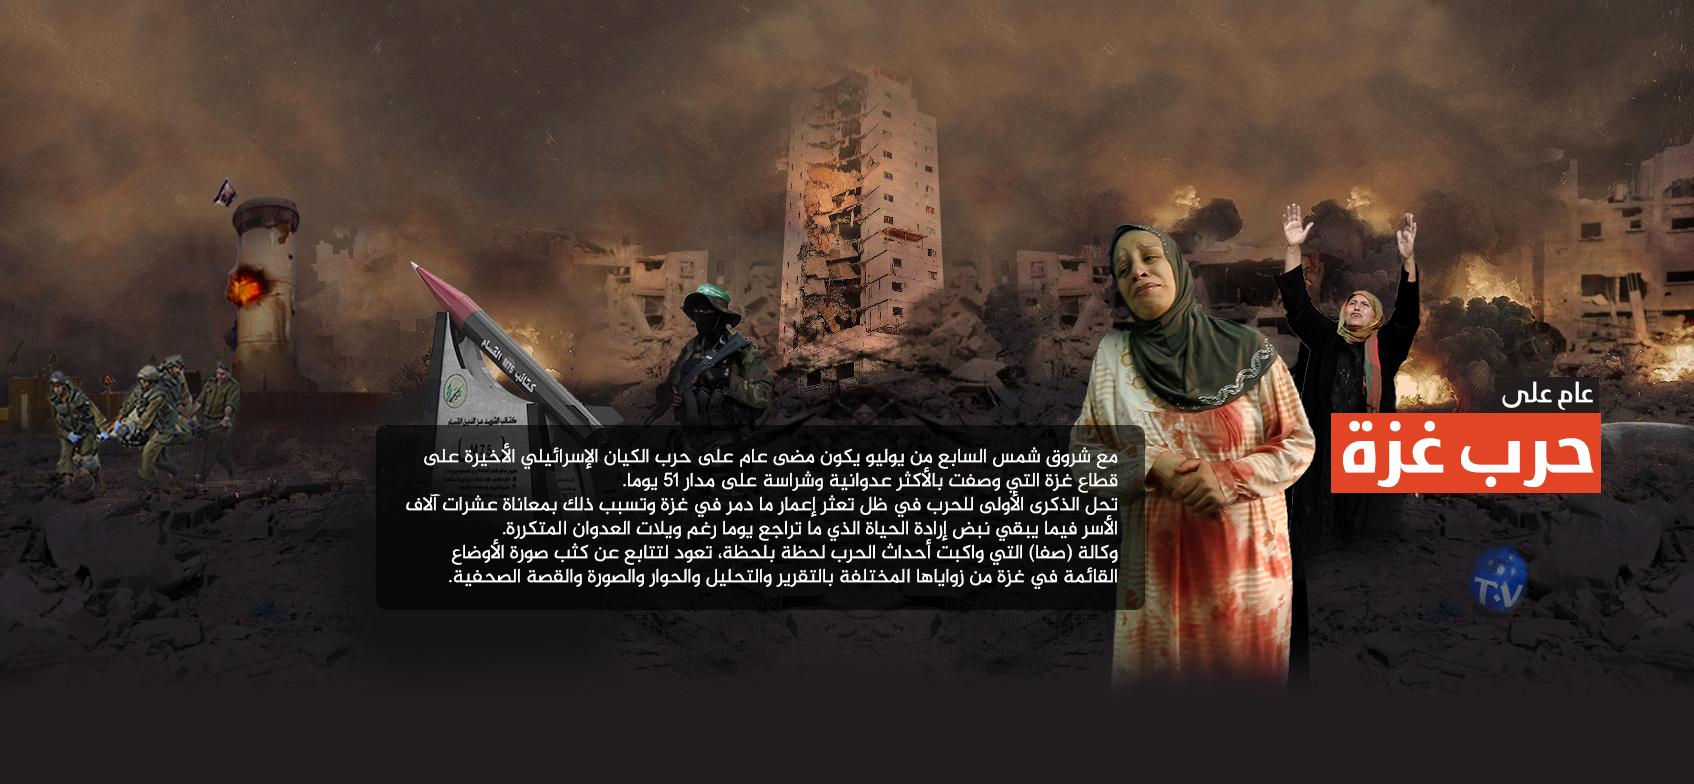 عام على حرب غزة ٢٠١٤